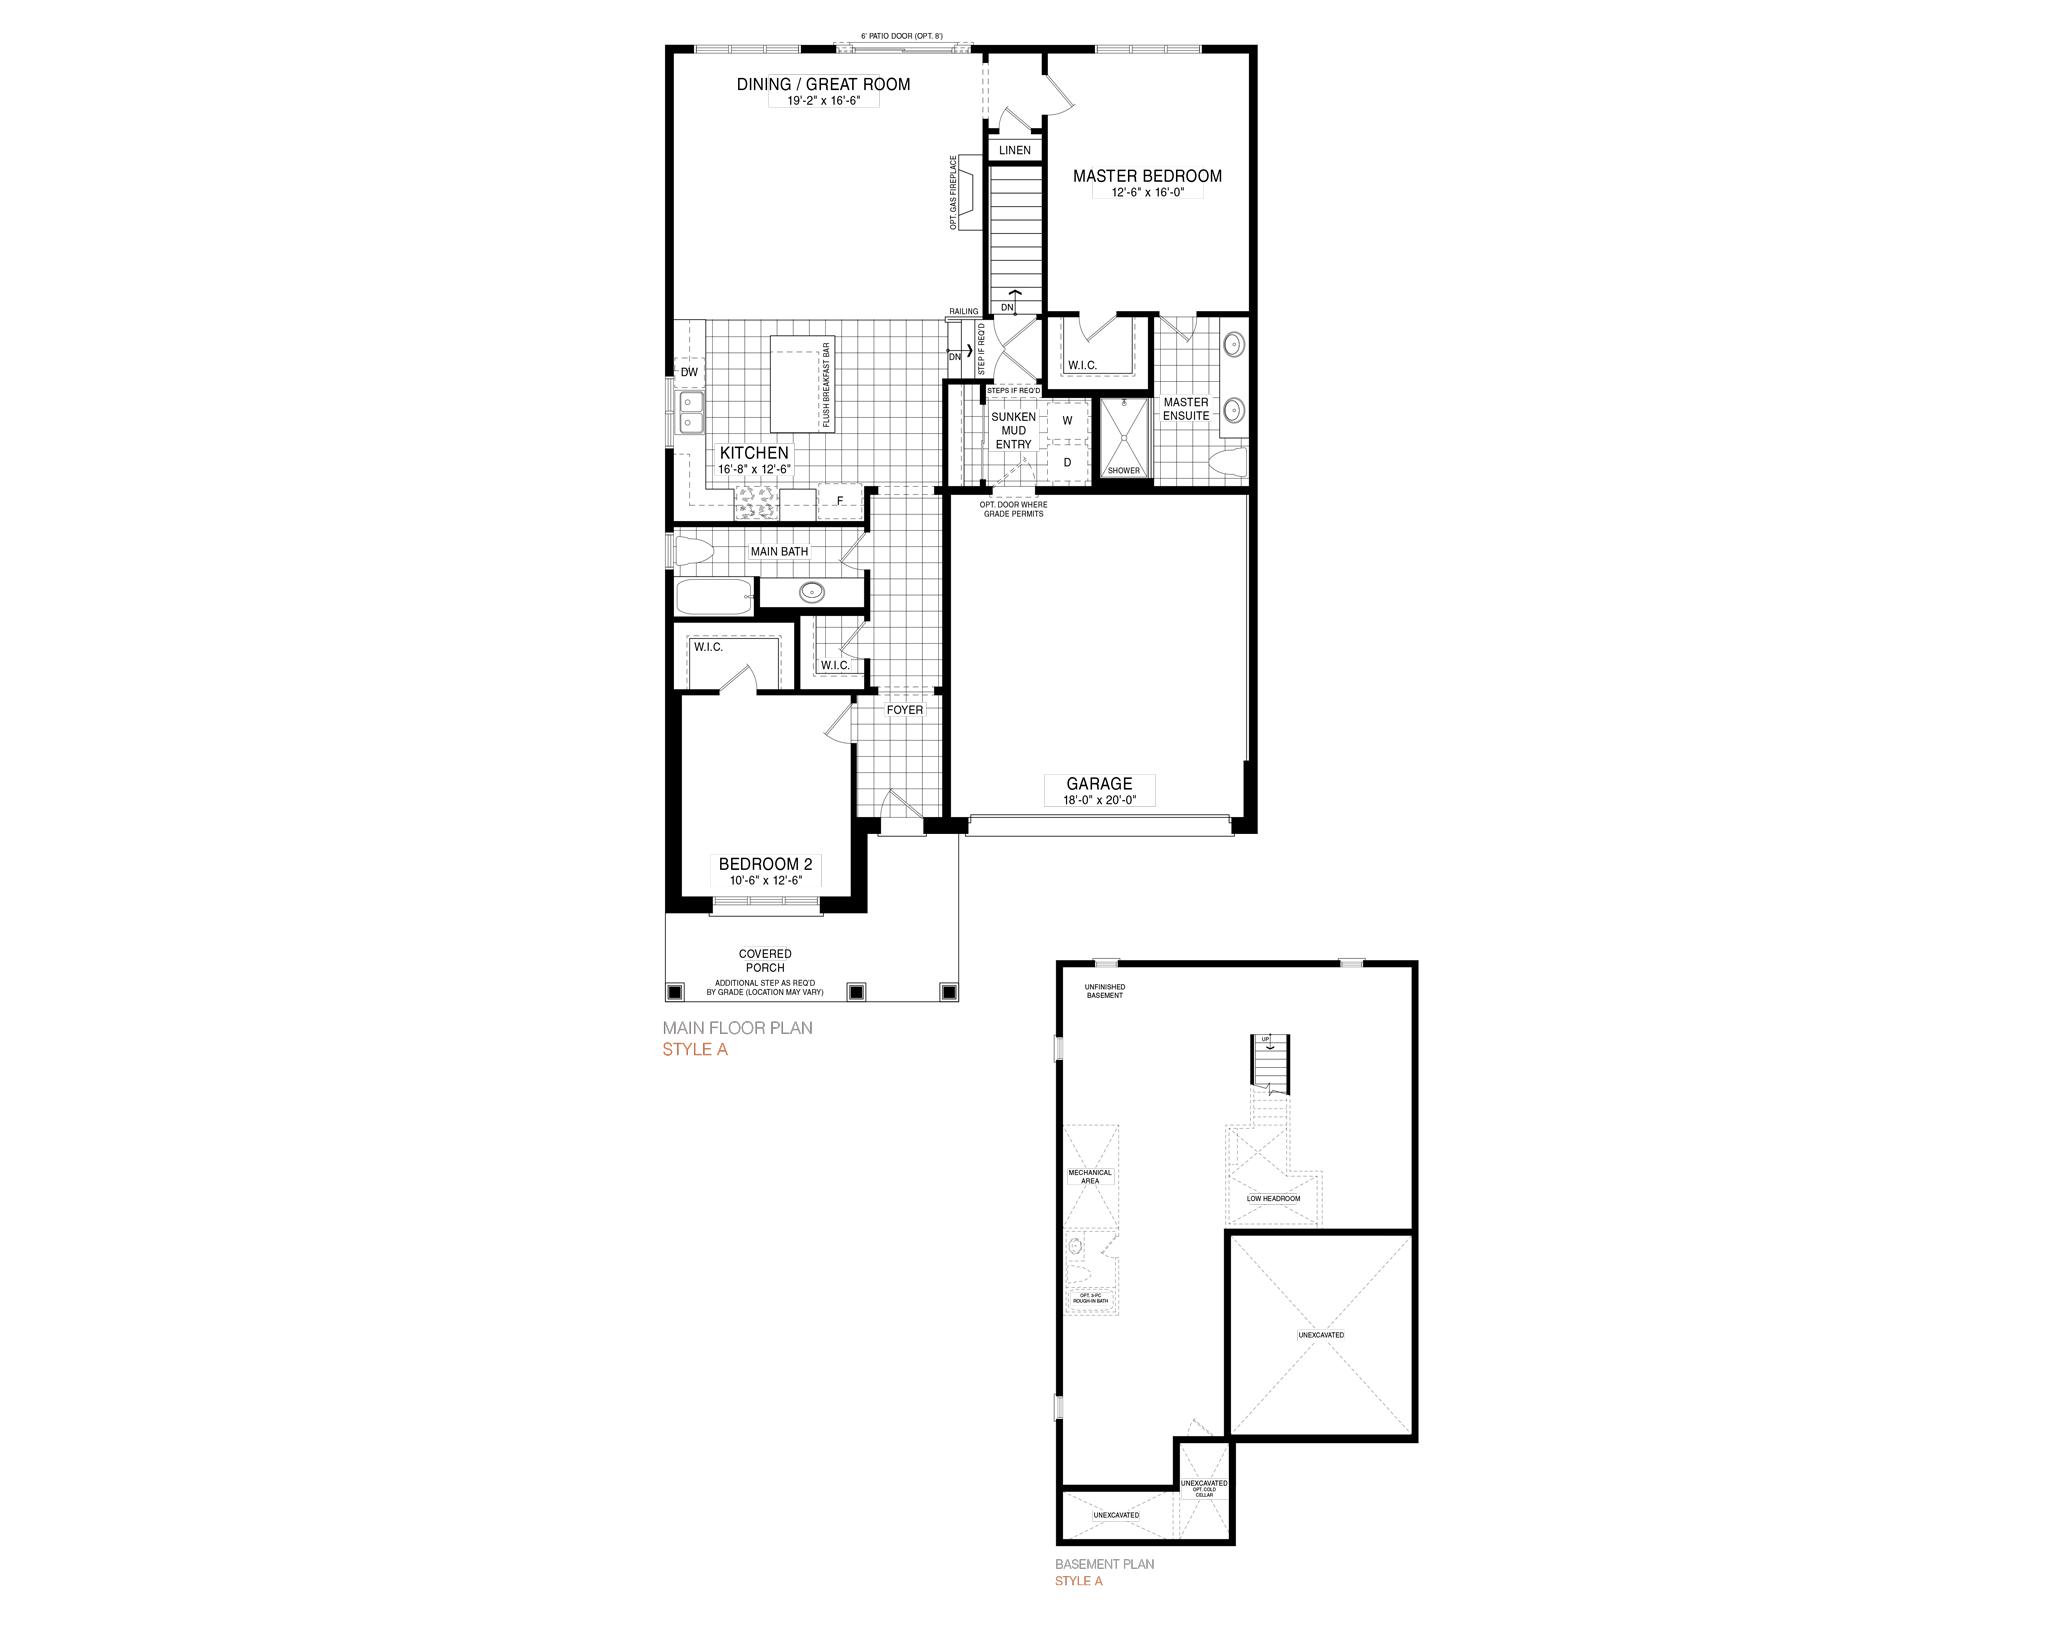 35833-livingston-44-41-midland-fp